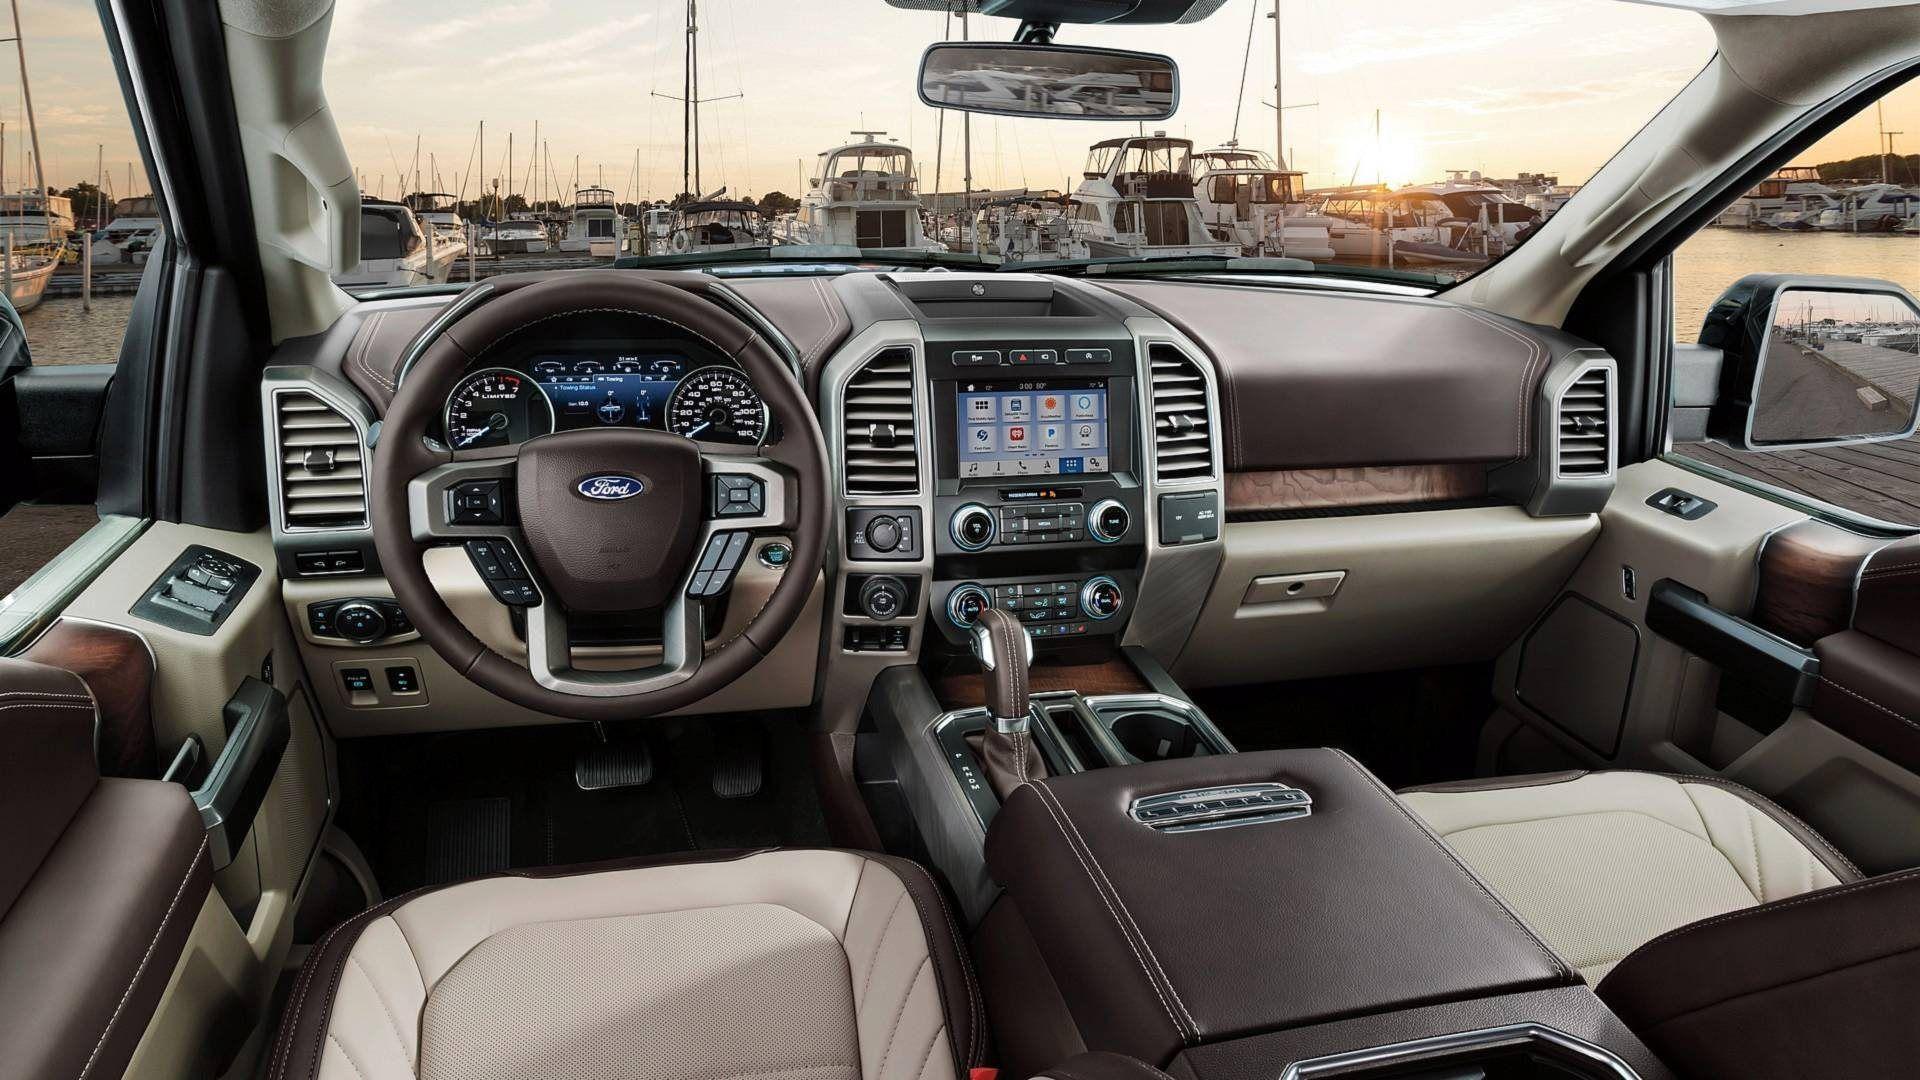 2021 Ford F350 Super Duty Price